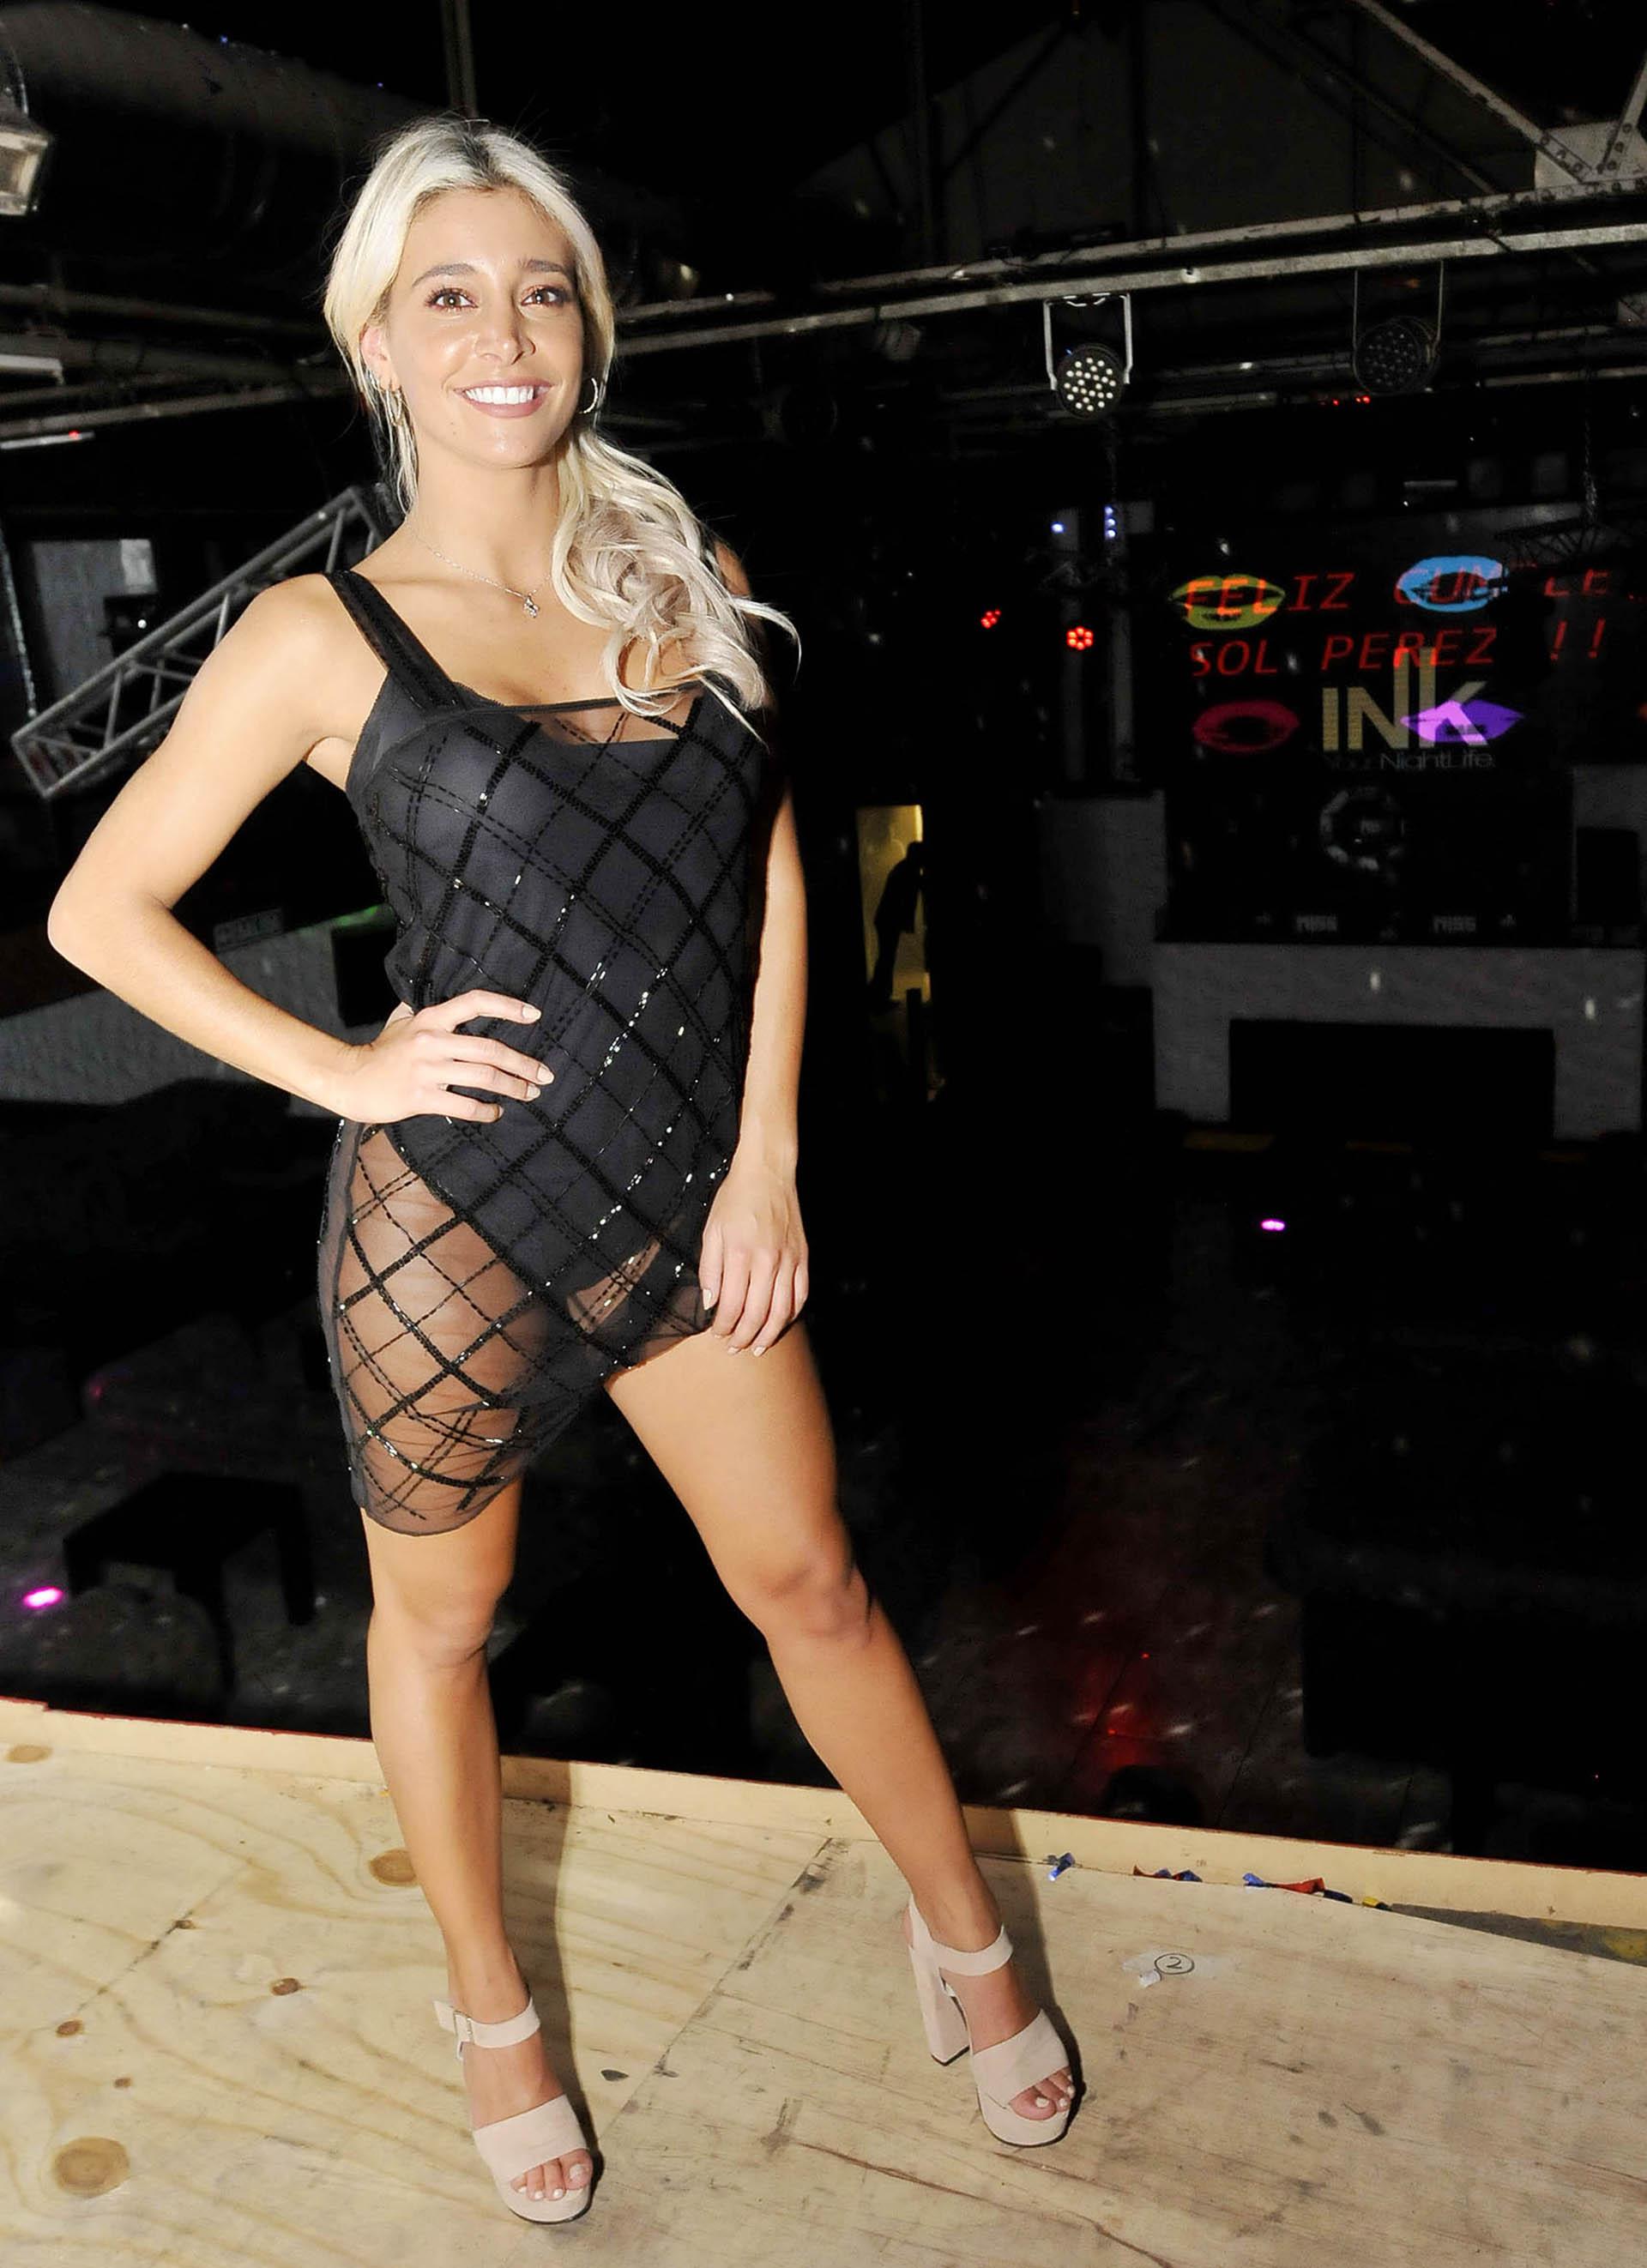 La modelo lució un vestido muy sensual negro con transparencias (Veronica Guerman / Teleshow)